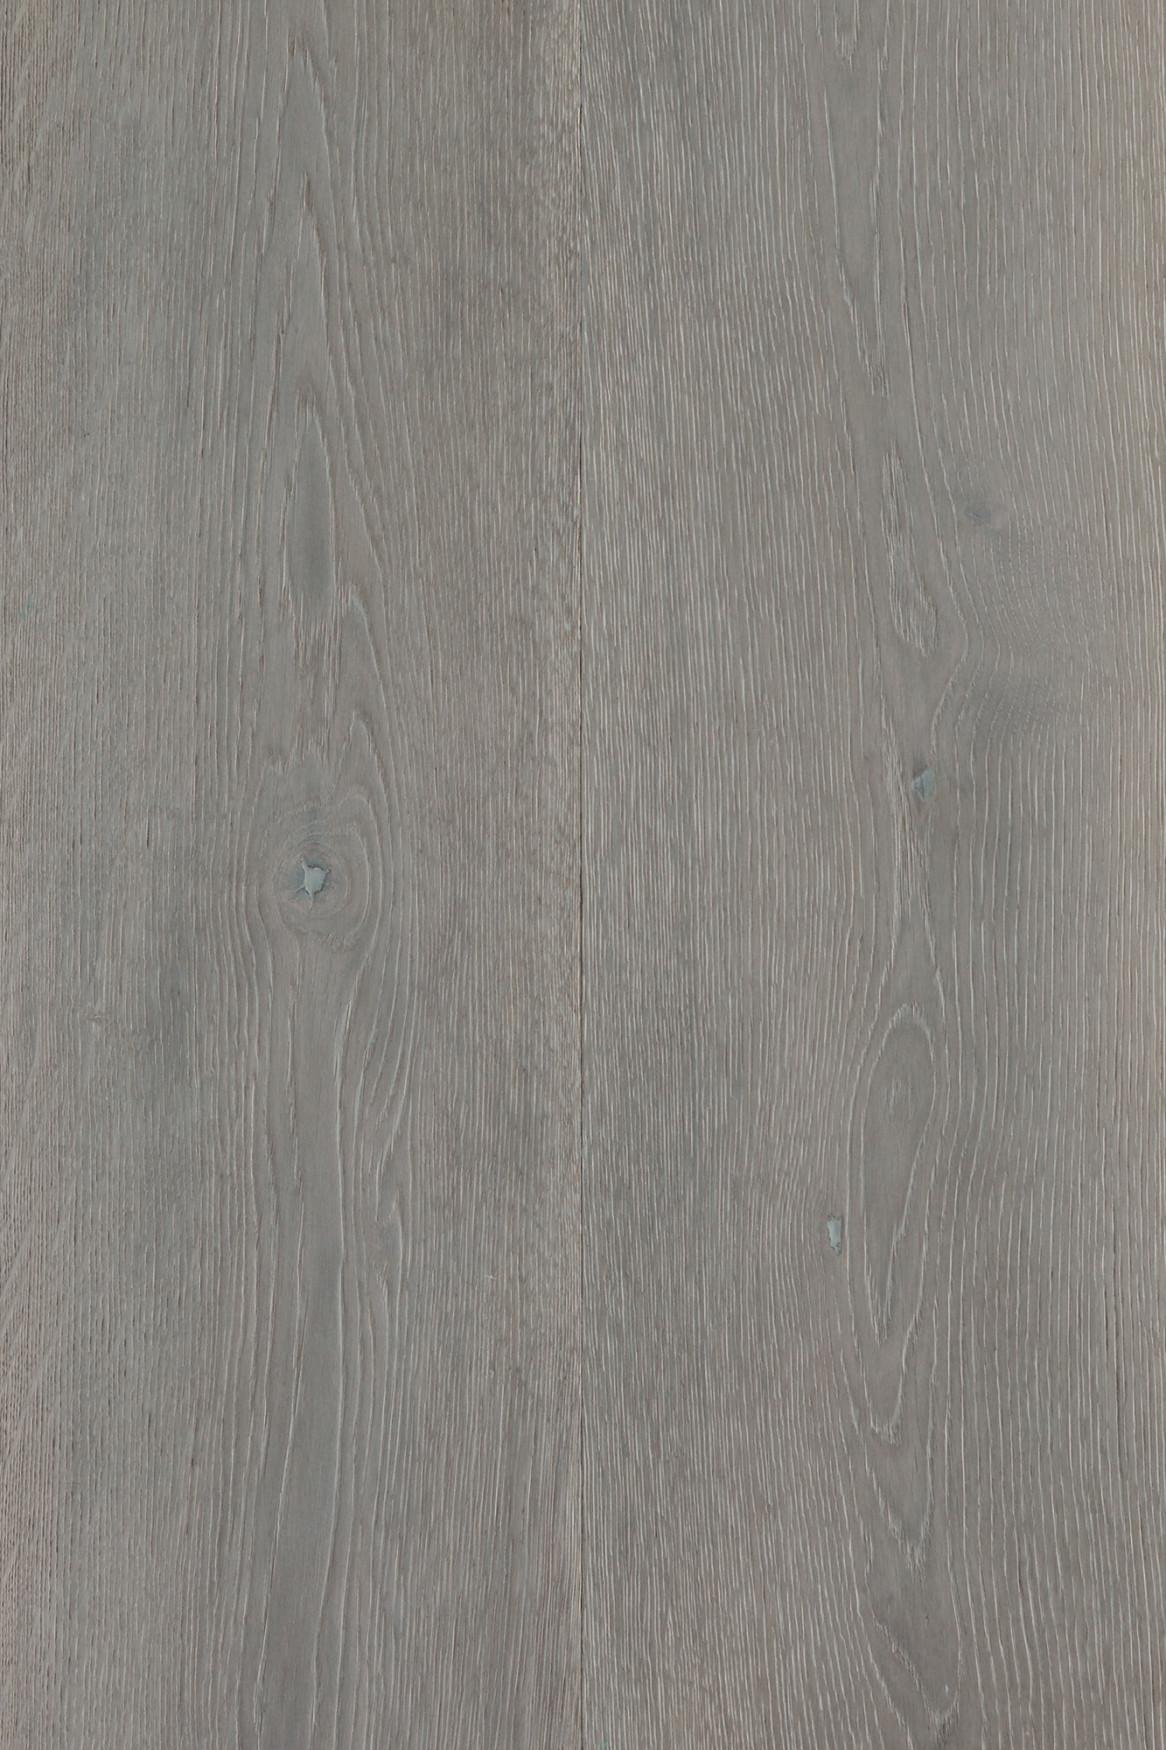 Element7-wide-plank-ValerianPlank_AJ_883_185